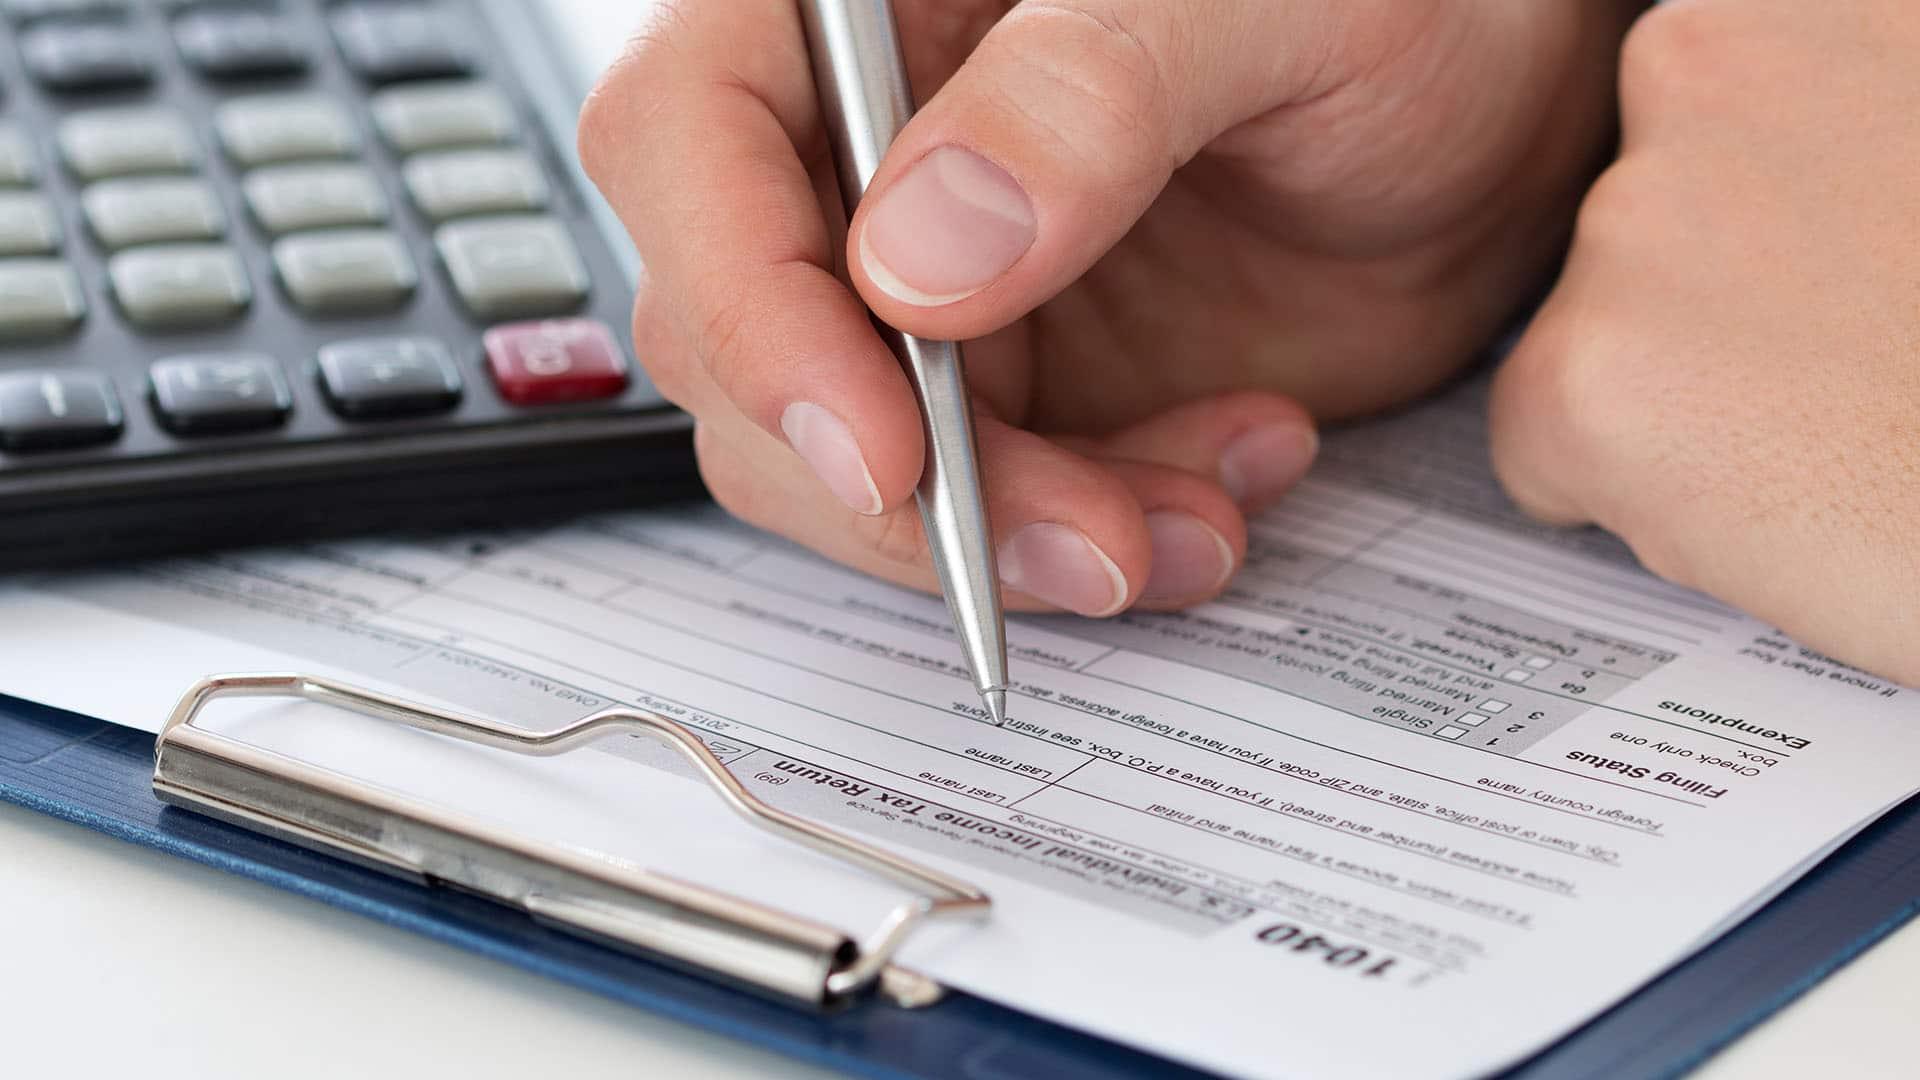 Comment faire si j'ai oublié de déclarer mes impôts ?